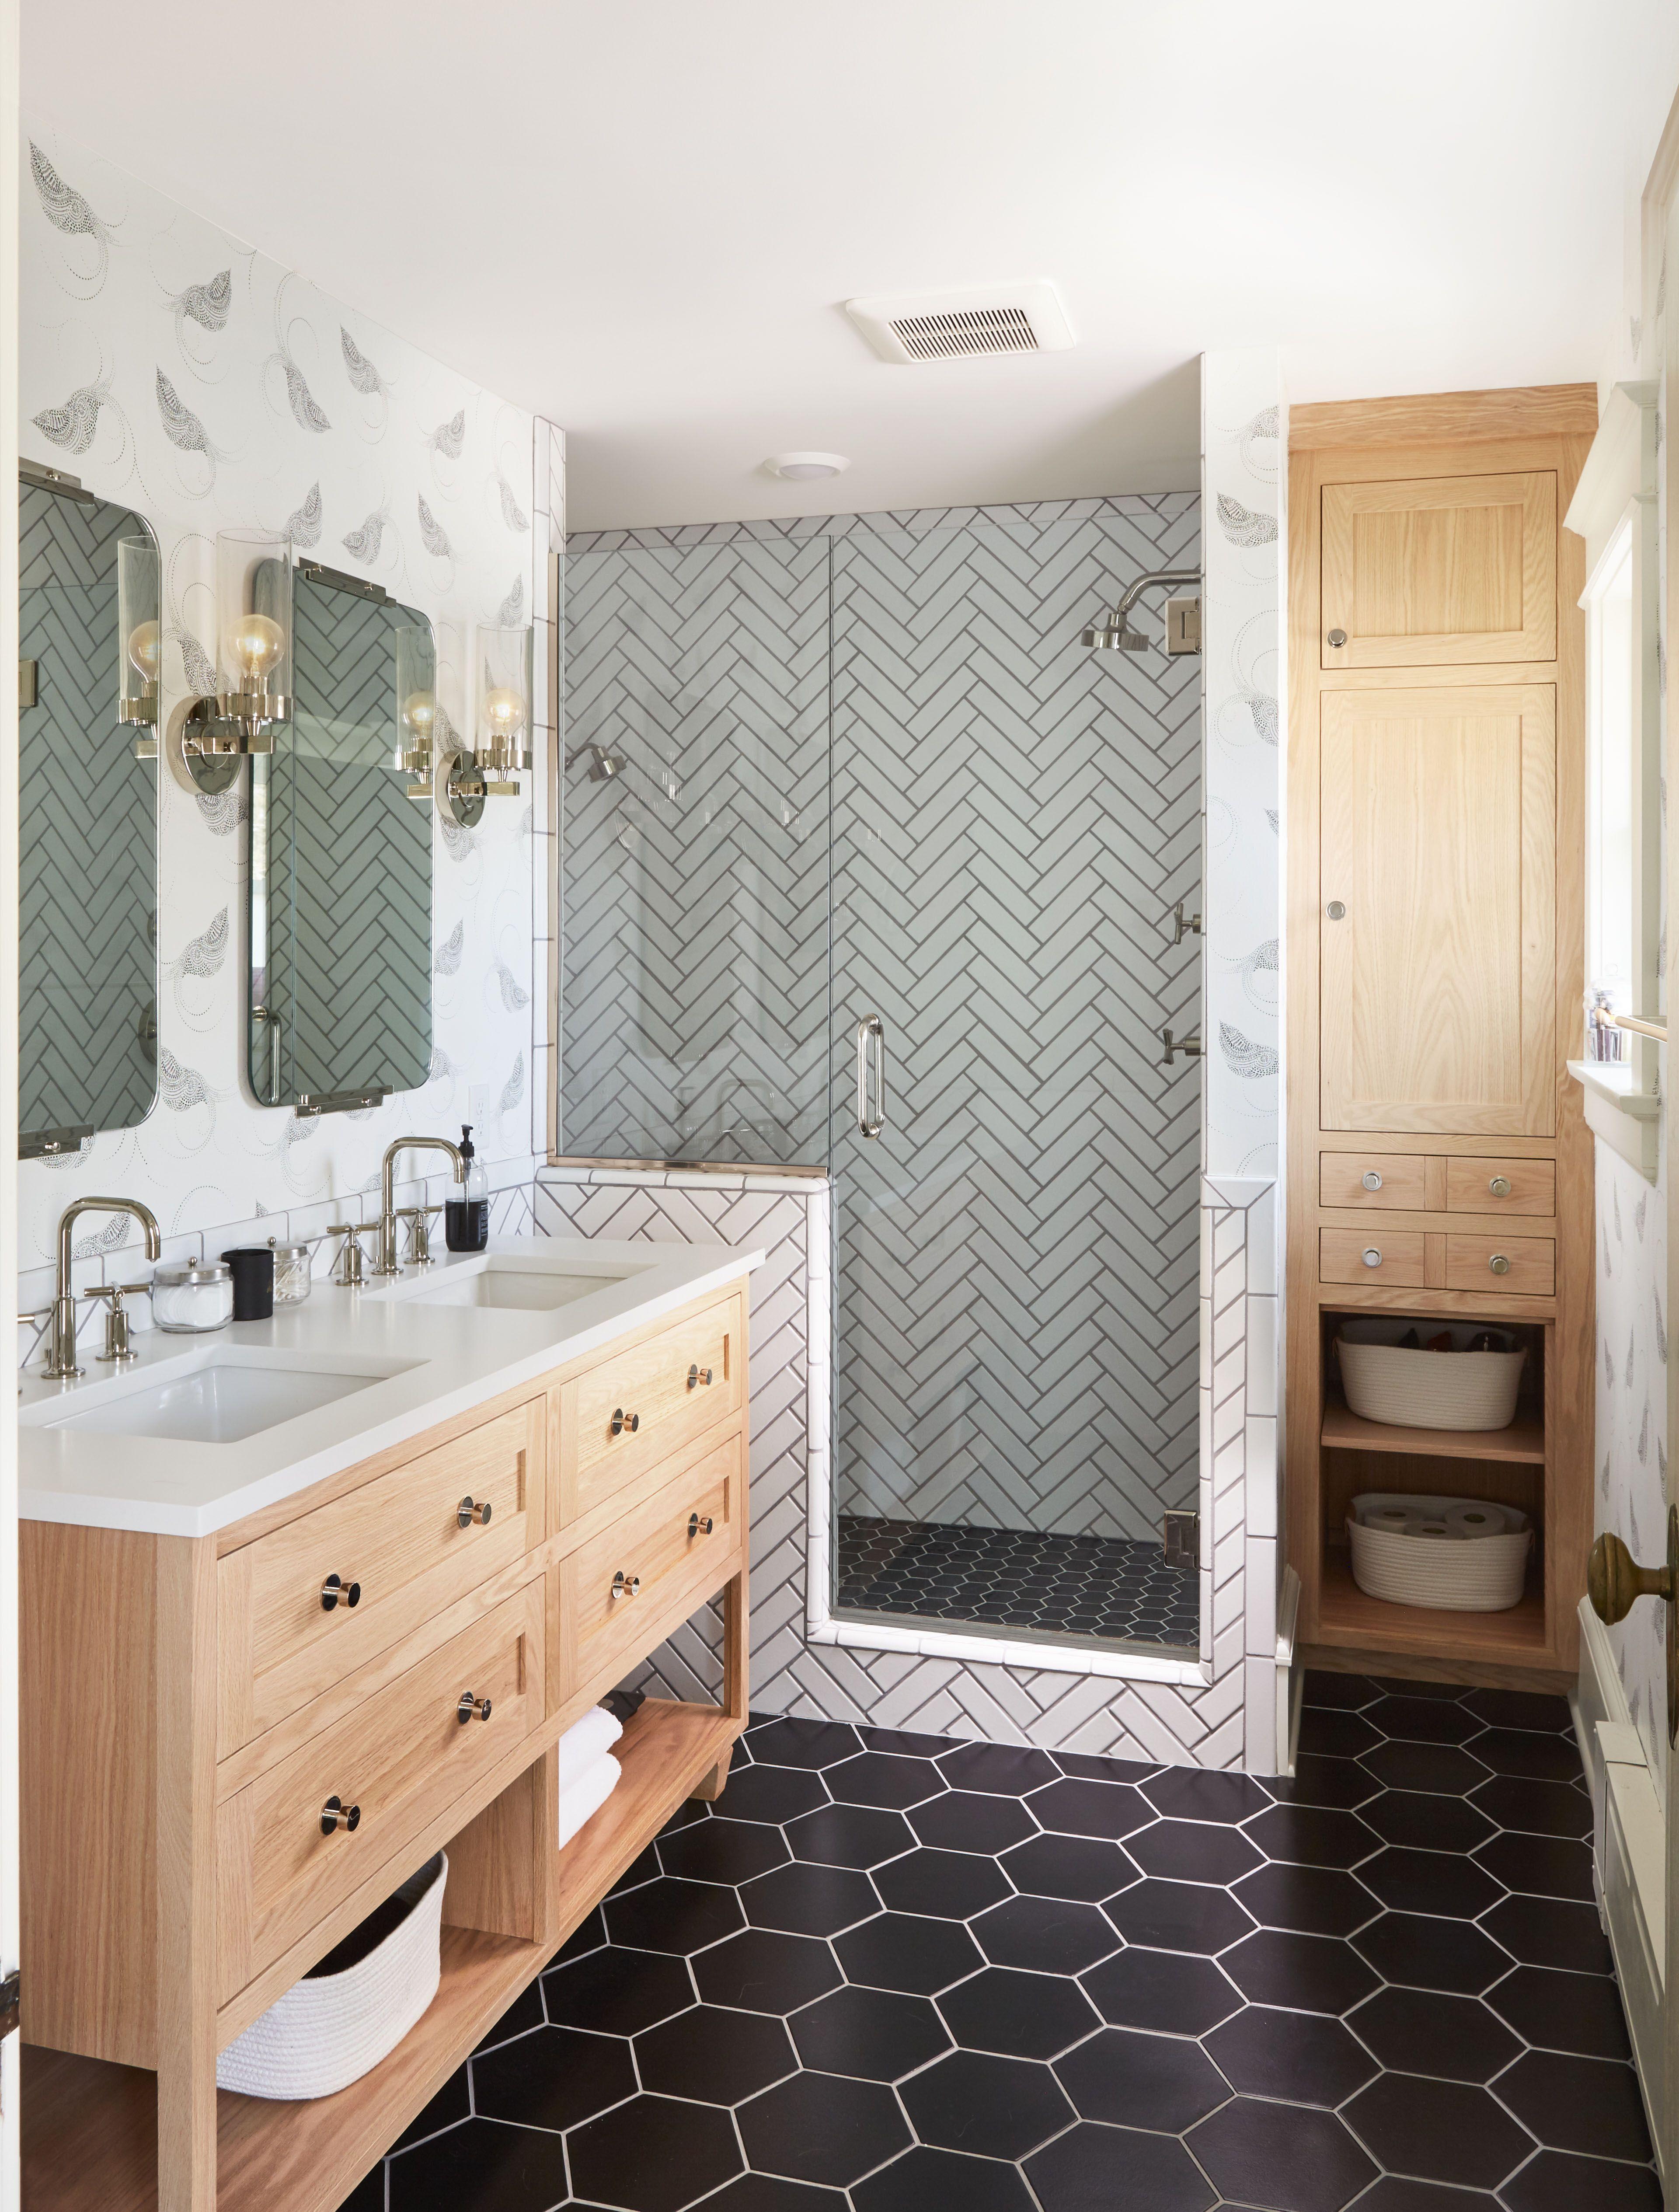 Beschluss Zur Neugestaltung Aimees Hauptbadezimmer Badezimmer Renovieren Badezimmer Design Und Badezimmer Fliesen